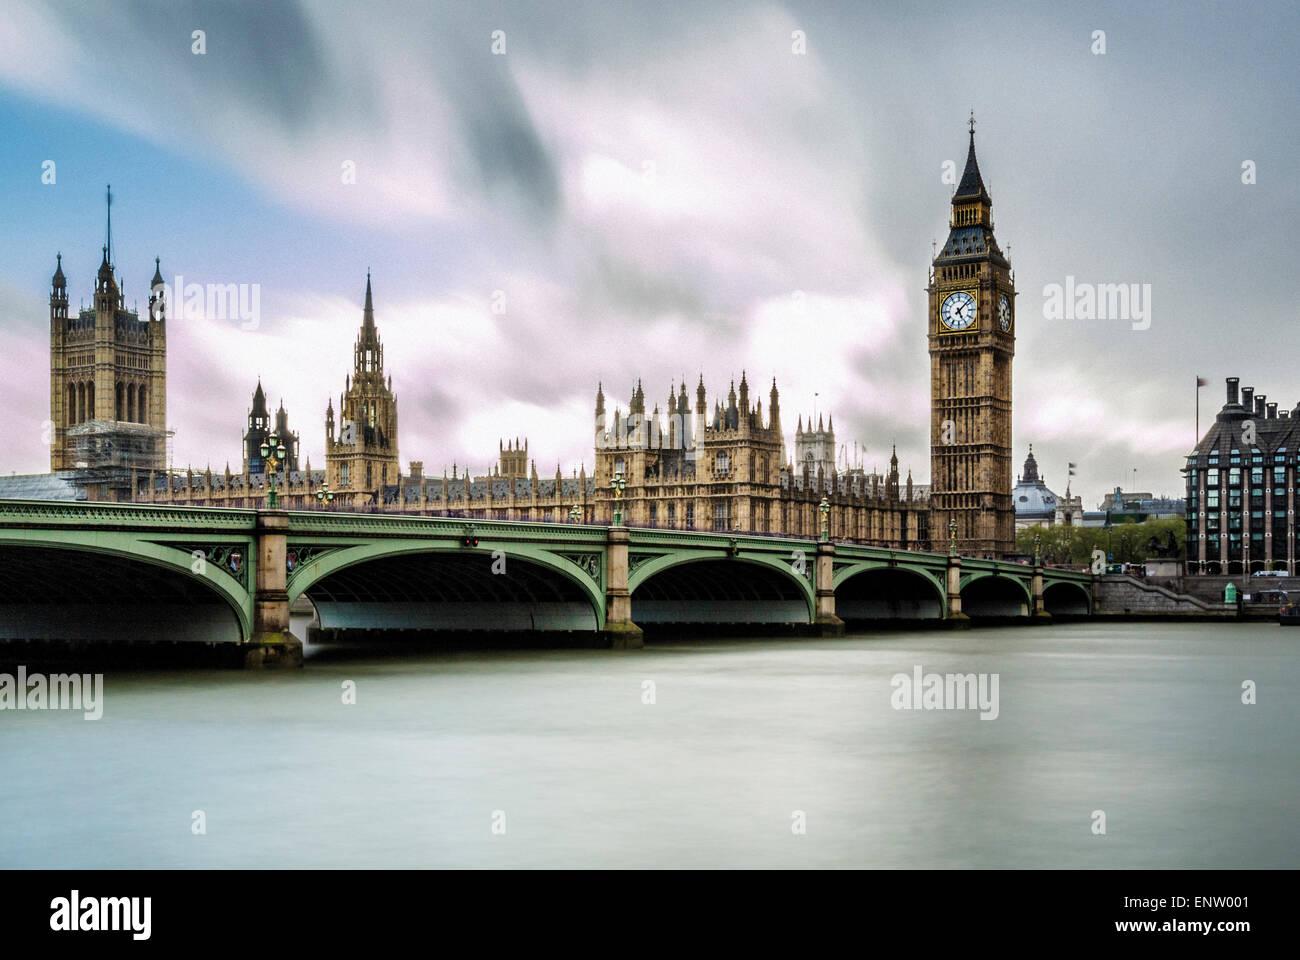 Westminster Brücke über die Themse mit Houses of Parliament und Big Ben im Hintergrund. London, UK. Stockfoto